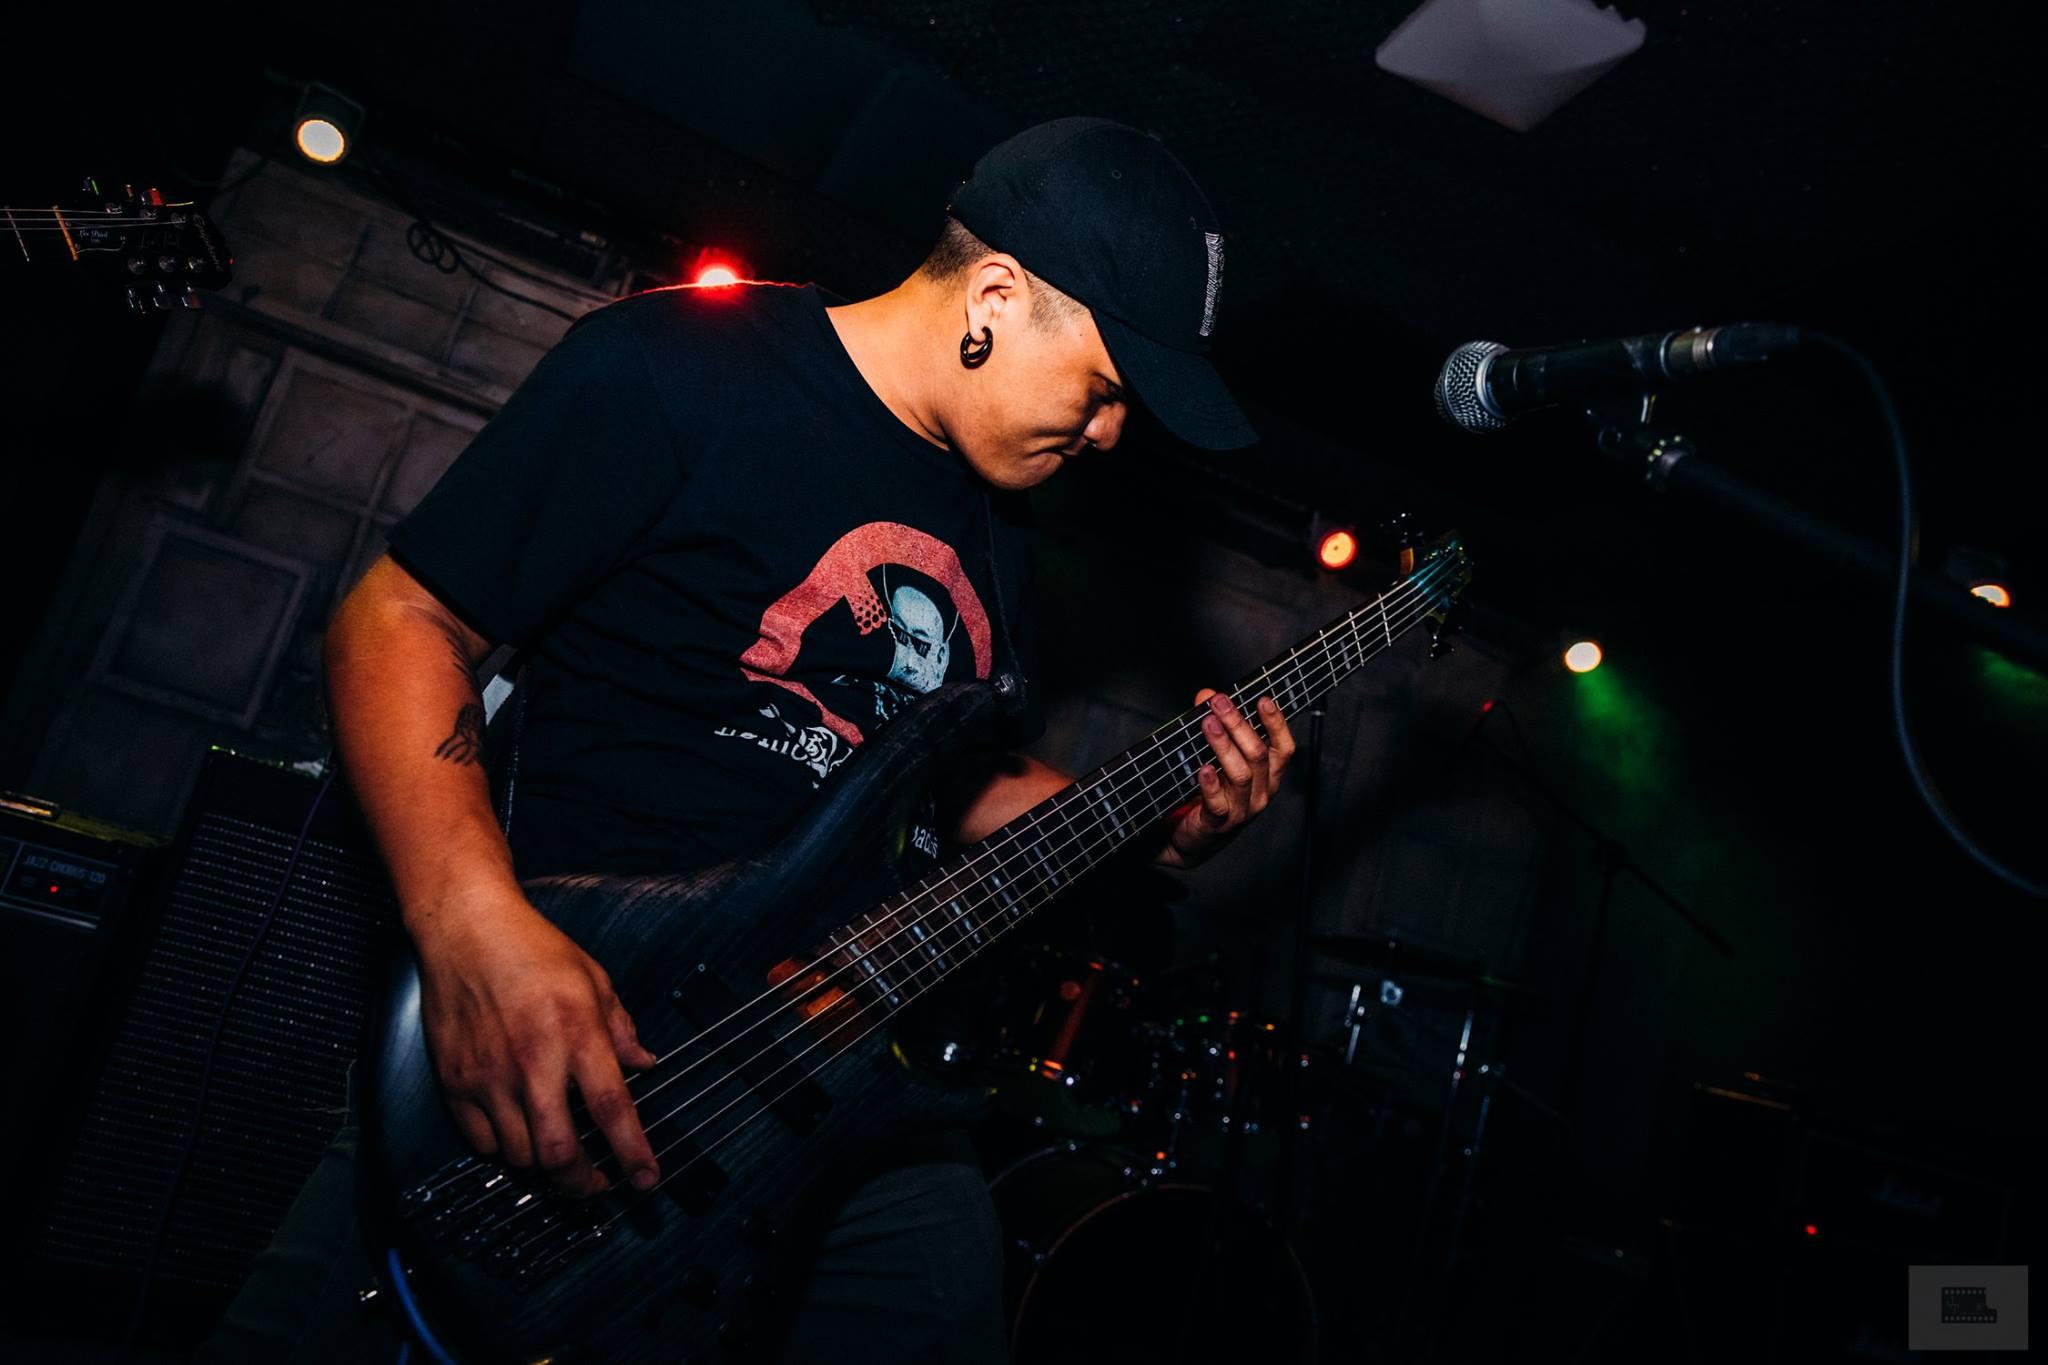 南部金屬樂團 噬星Galaxy Destruction Inc.  貝斯手奕翰 發表退團聲明